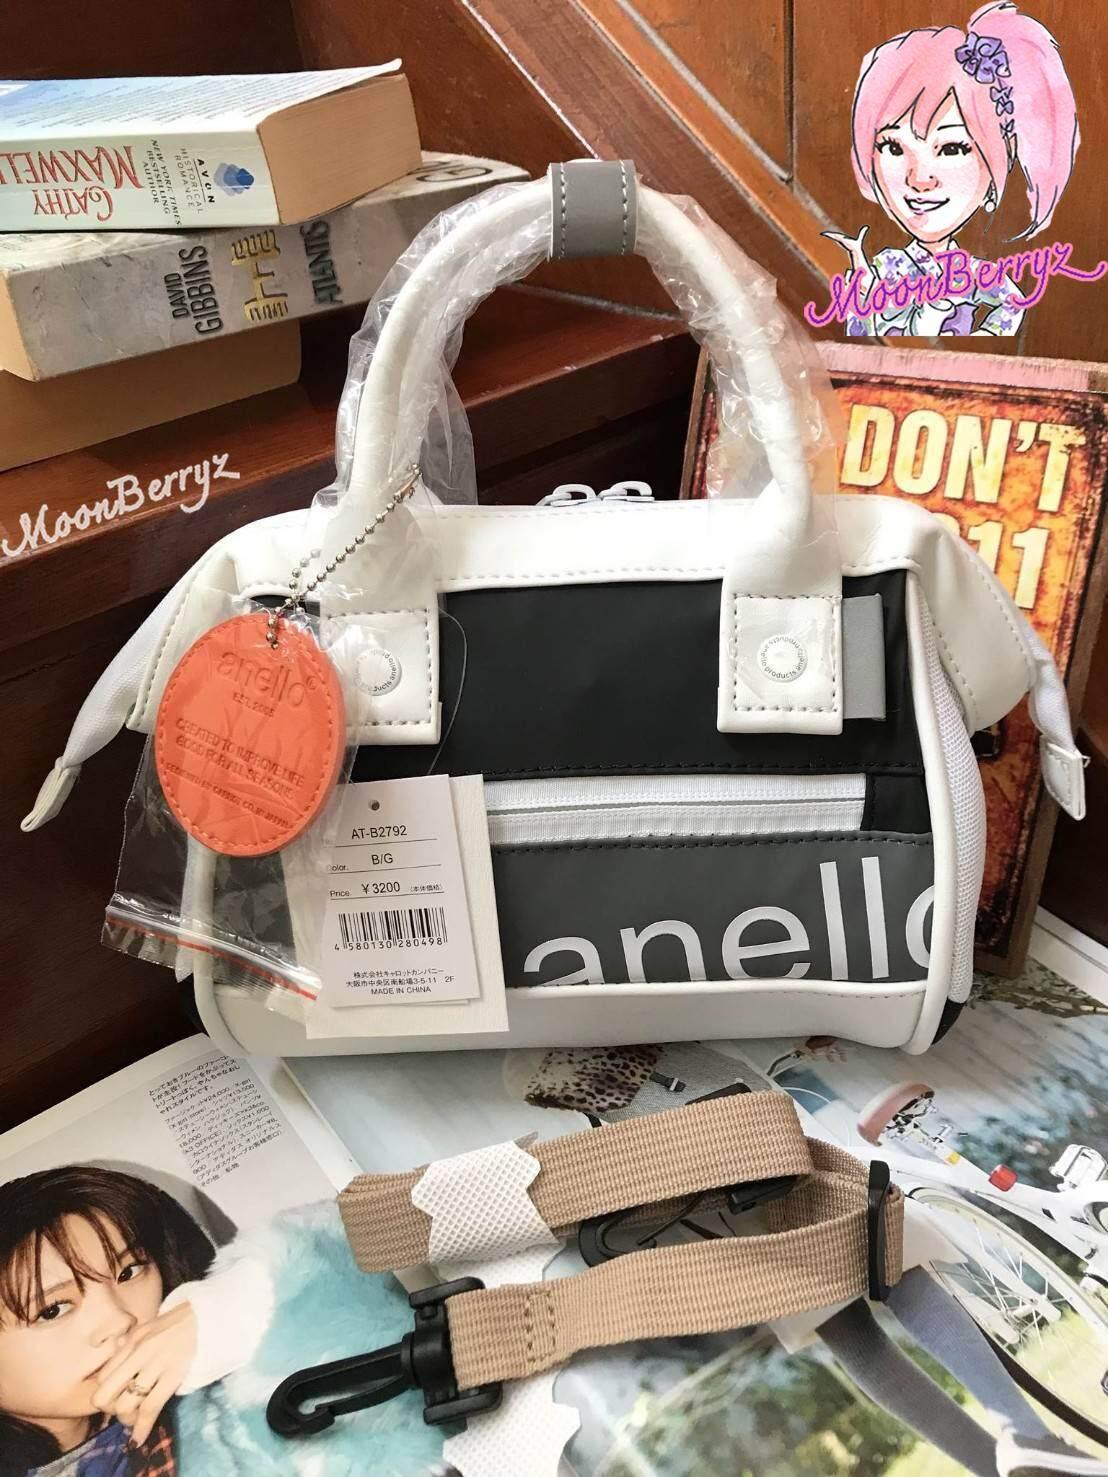 ลำพูน กระเป๋าสะพายข้าง ANELLO ของแท้ 100% [ใบเล็ก MINI] วัสดุหนังนิ่ม PU Leather สามารถกันน้ำได้ แฟชั่นยุค 90 มี 4 สีให้เลือก